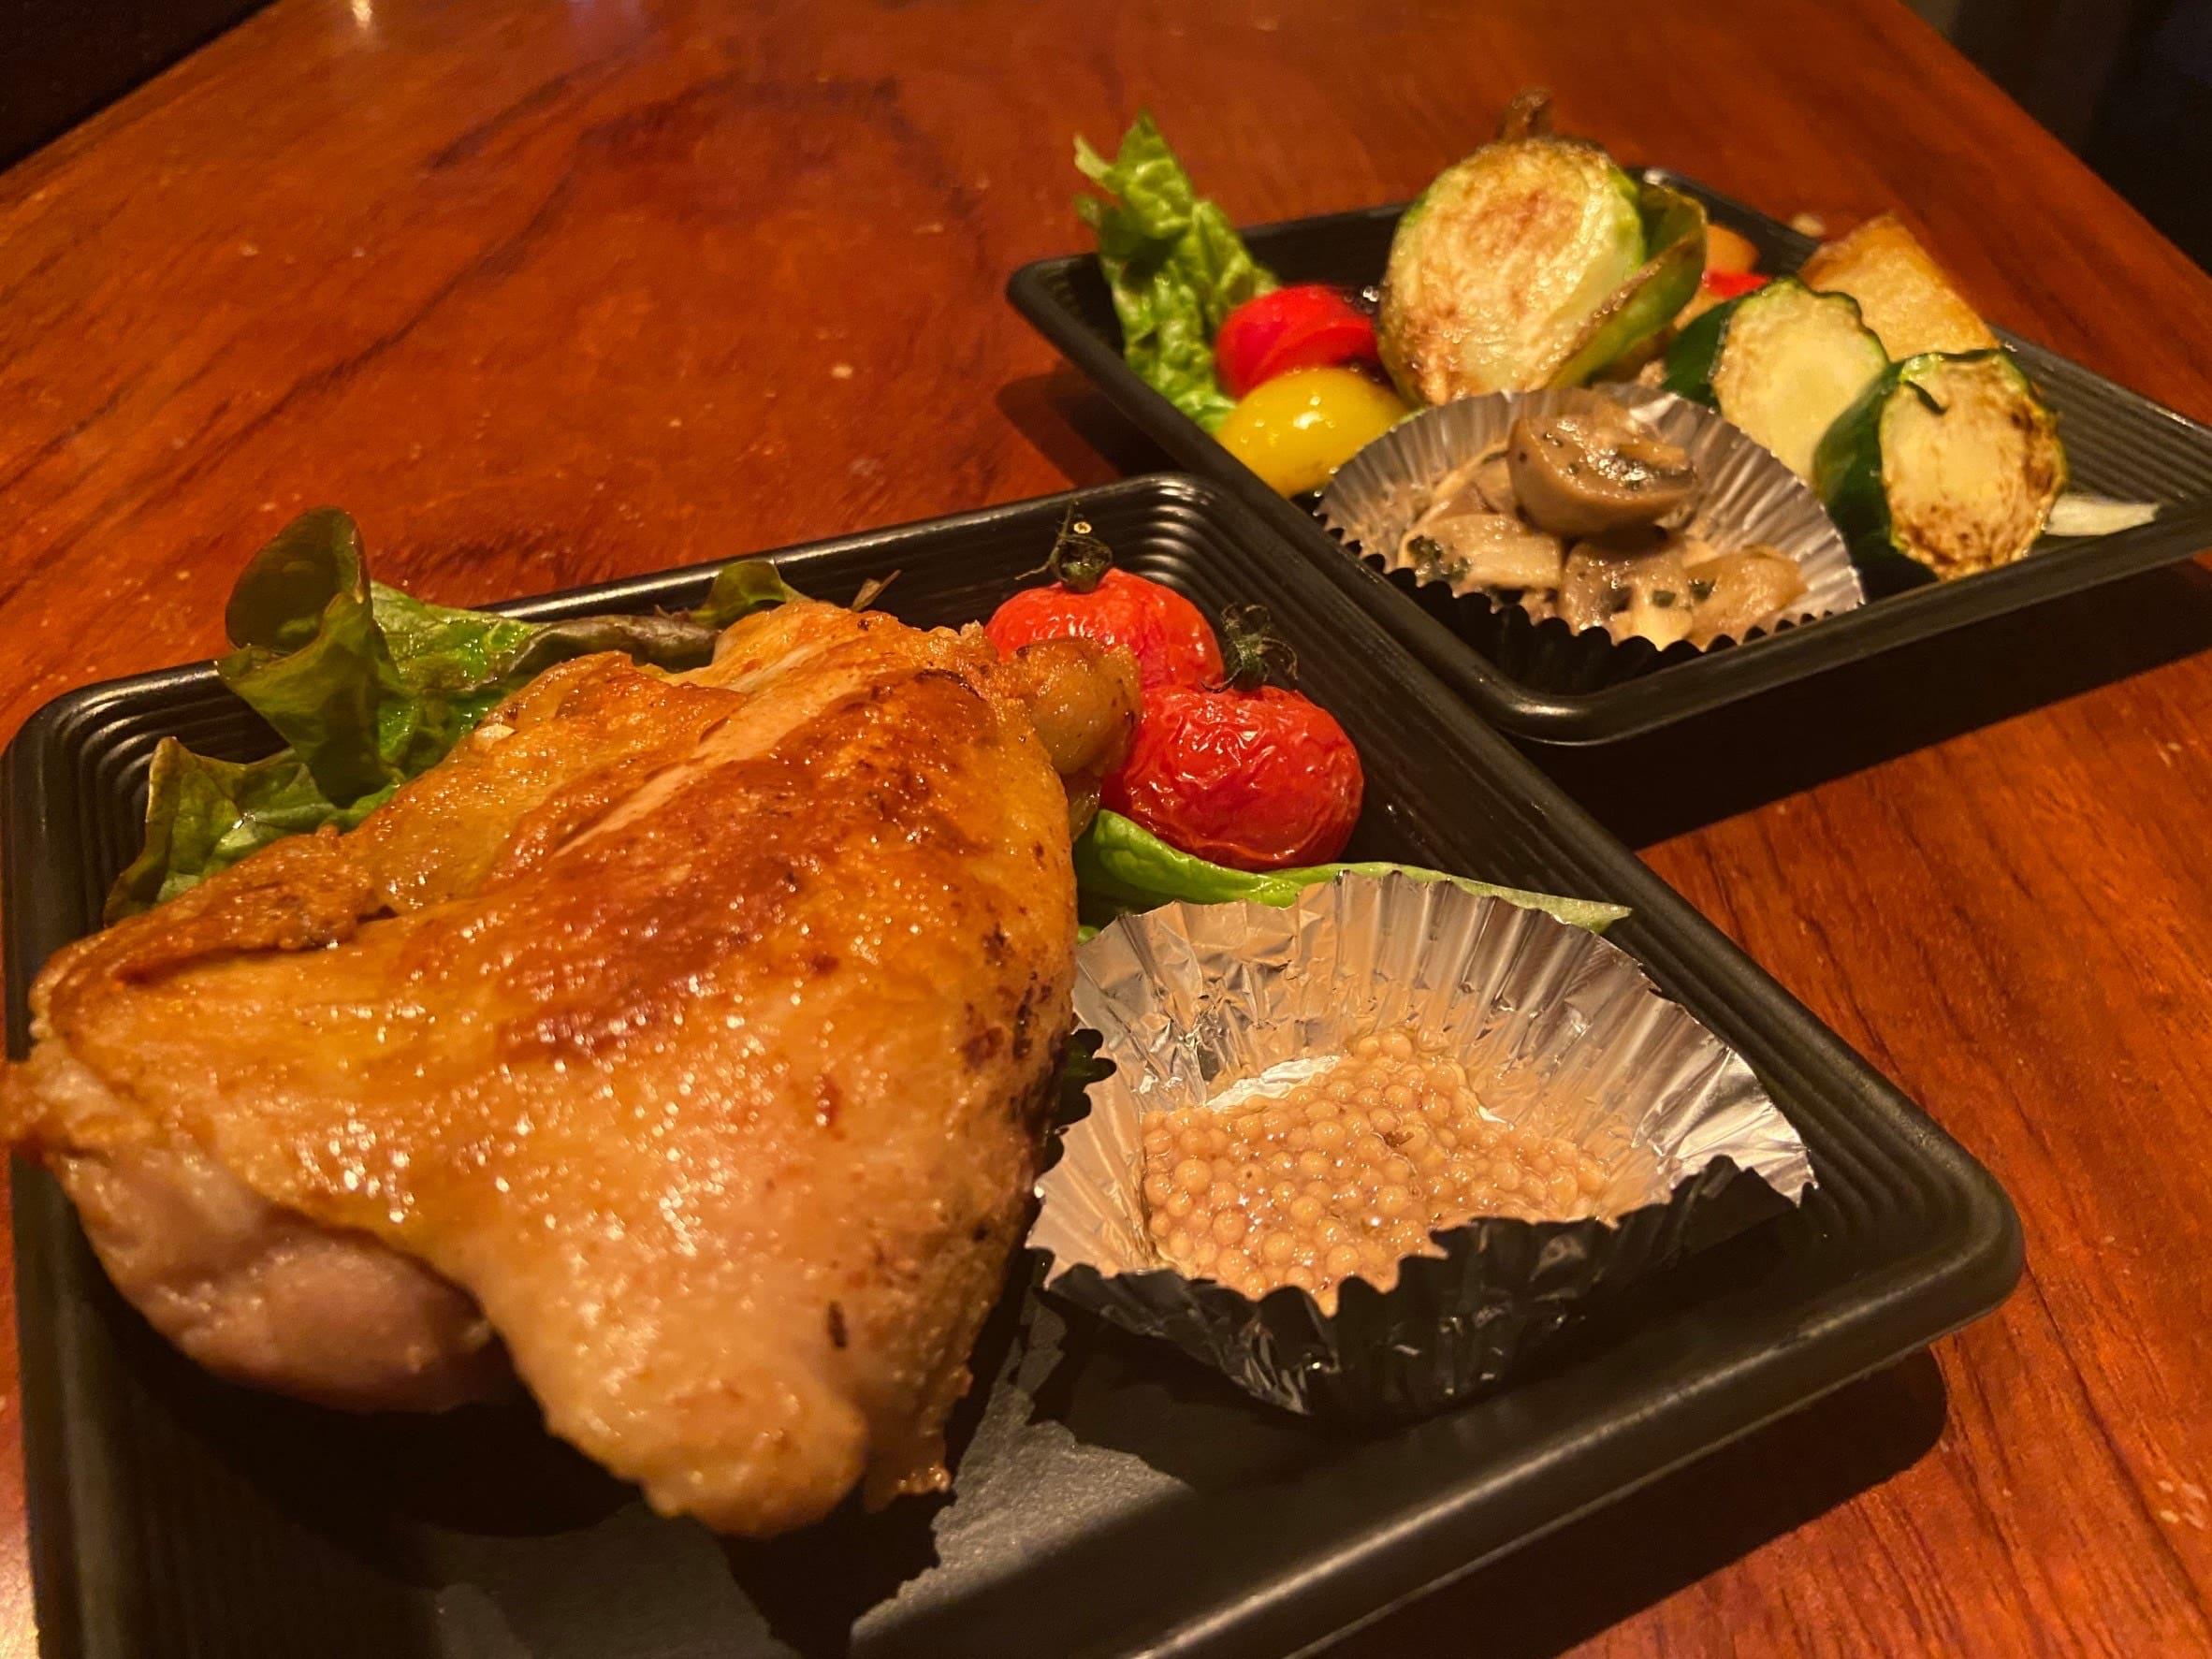 備中高原鶏もも肉をラード油の中でじっくり煮込み、表面を香ばしく焼あげしっとり柔らかく仕上げました。タスマニア産マスタードと一緒にお召し上がり下さい。